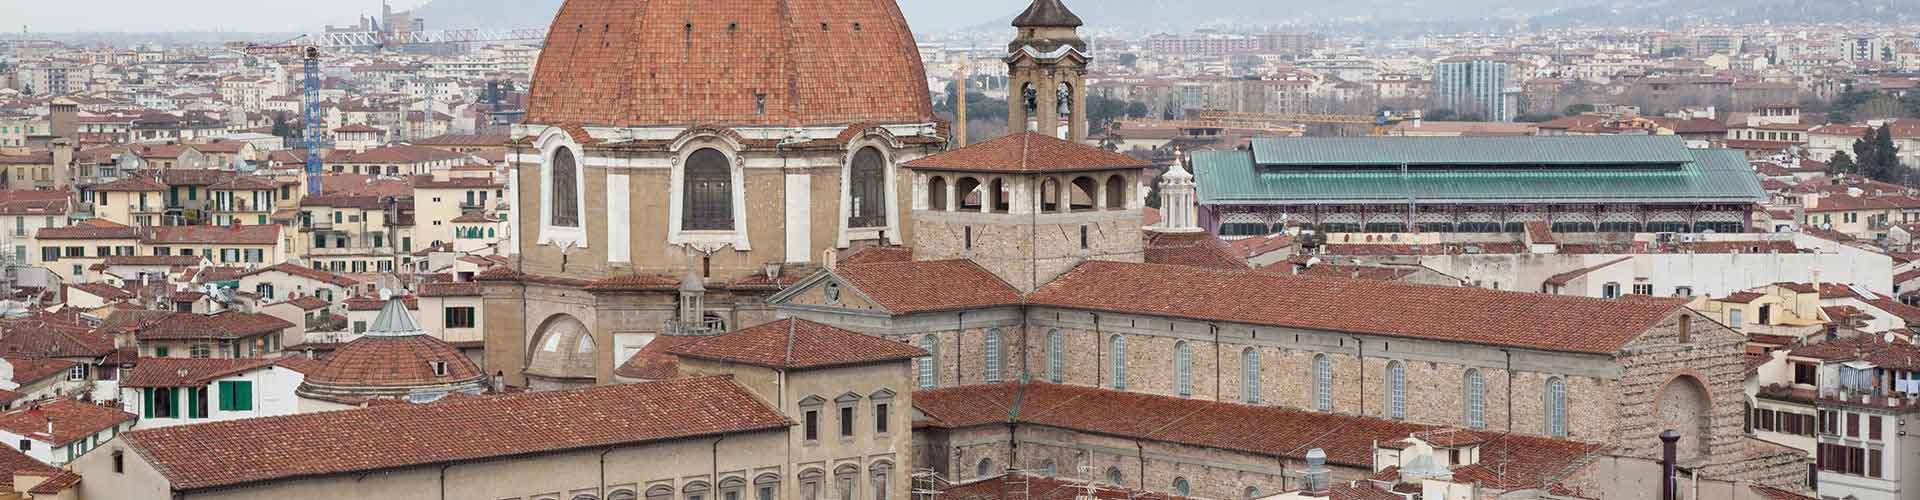 피렌체 - San Lorenzo 지구의 호스텔. 피렌체의 지도, 피렌체에 위치한 호스텔 사진 및 후기 정보.